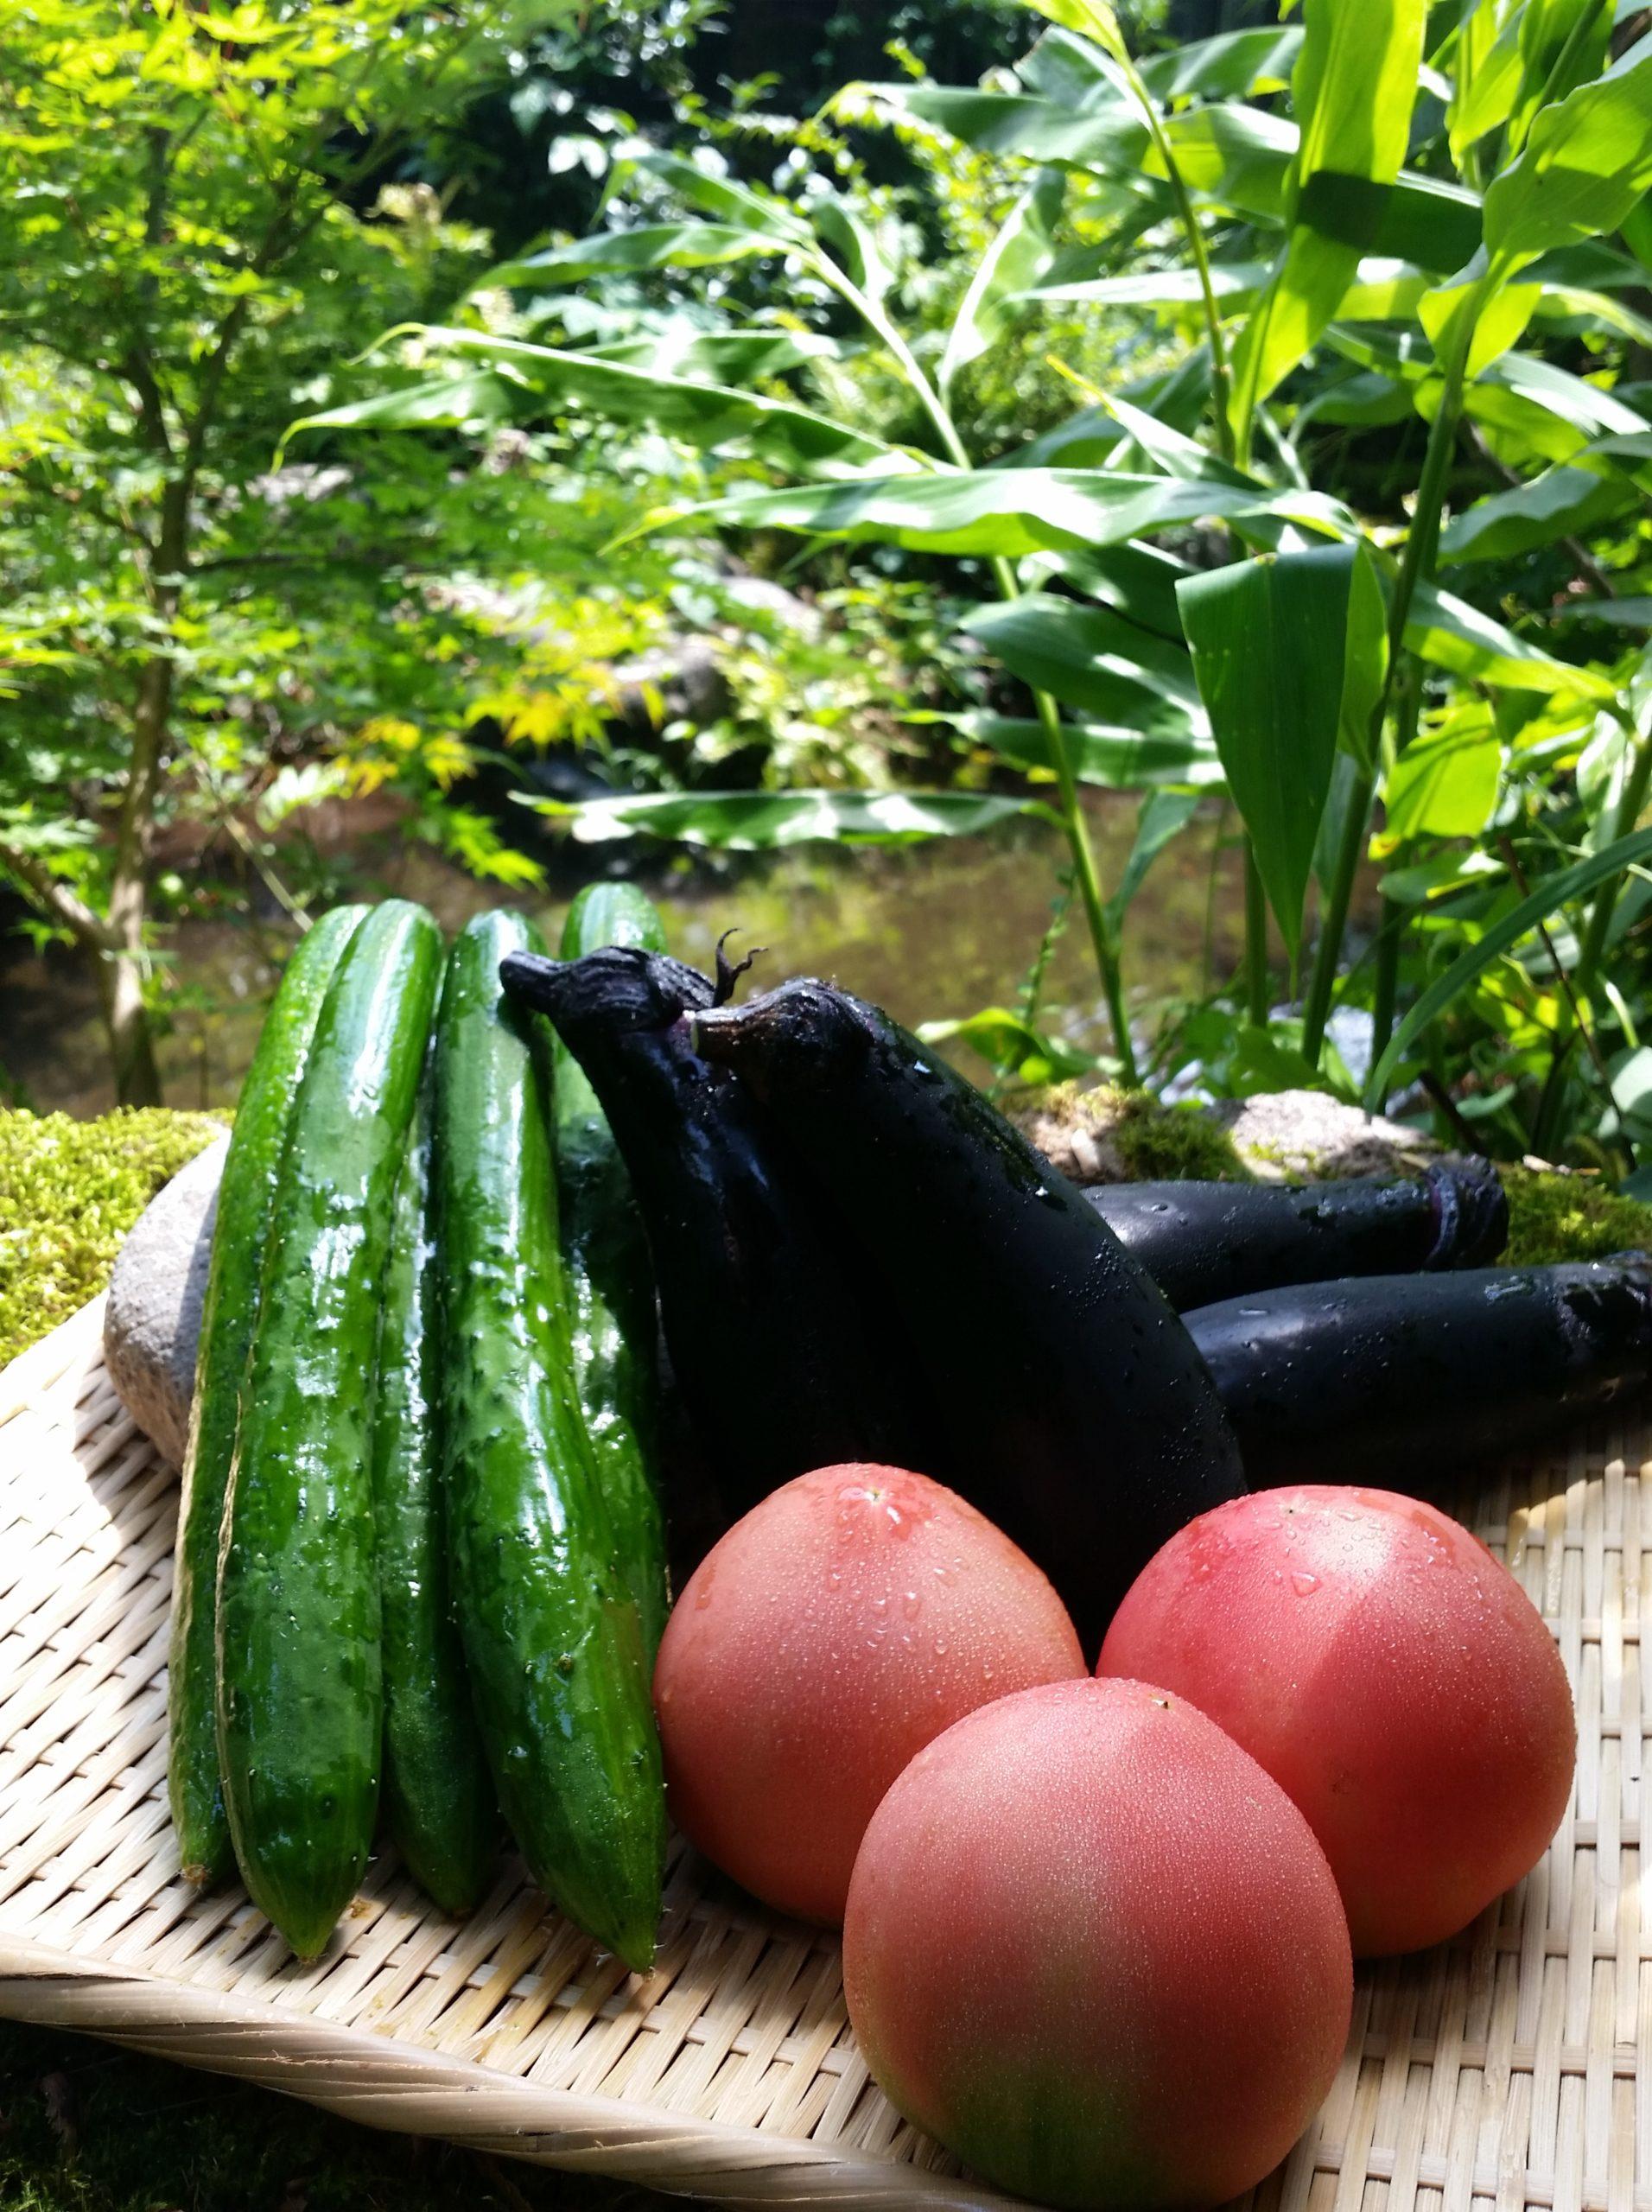 美味しいお野菜届いてます!